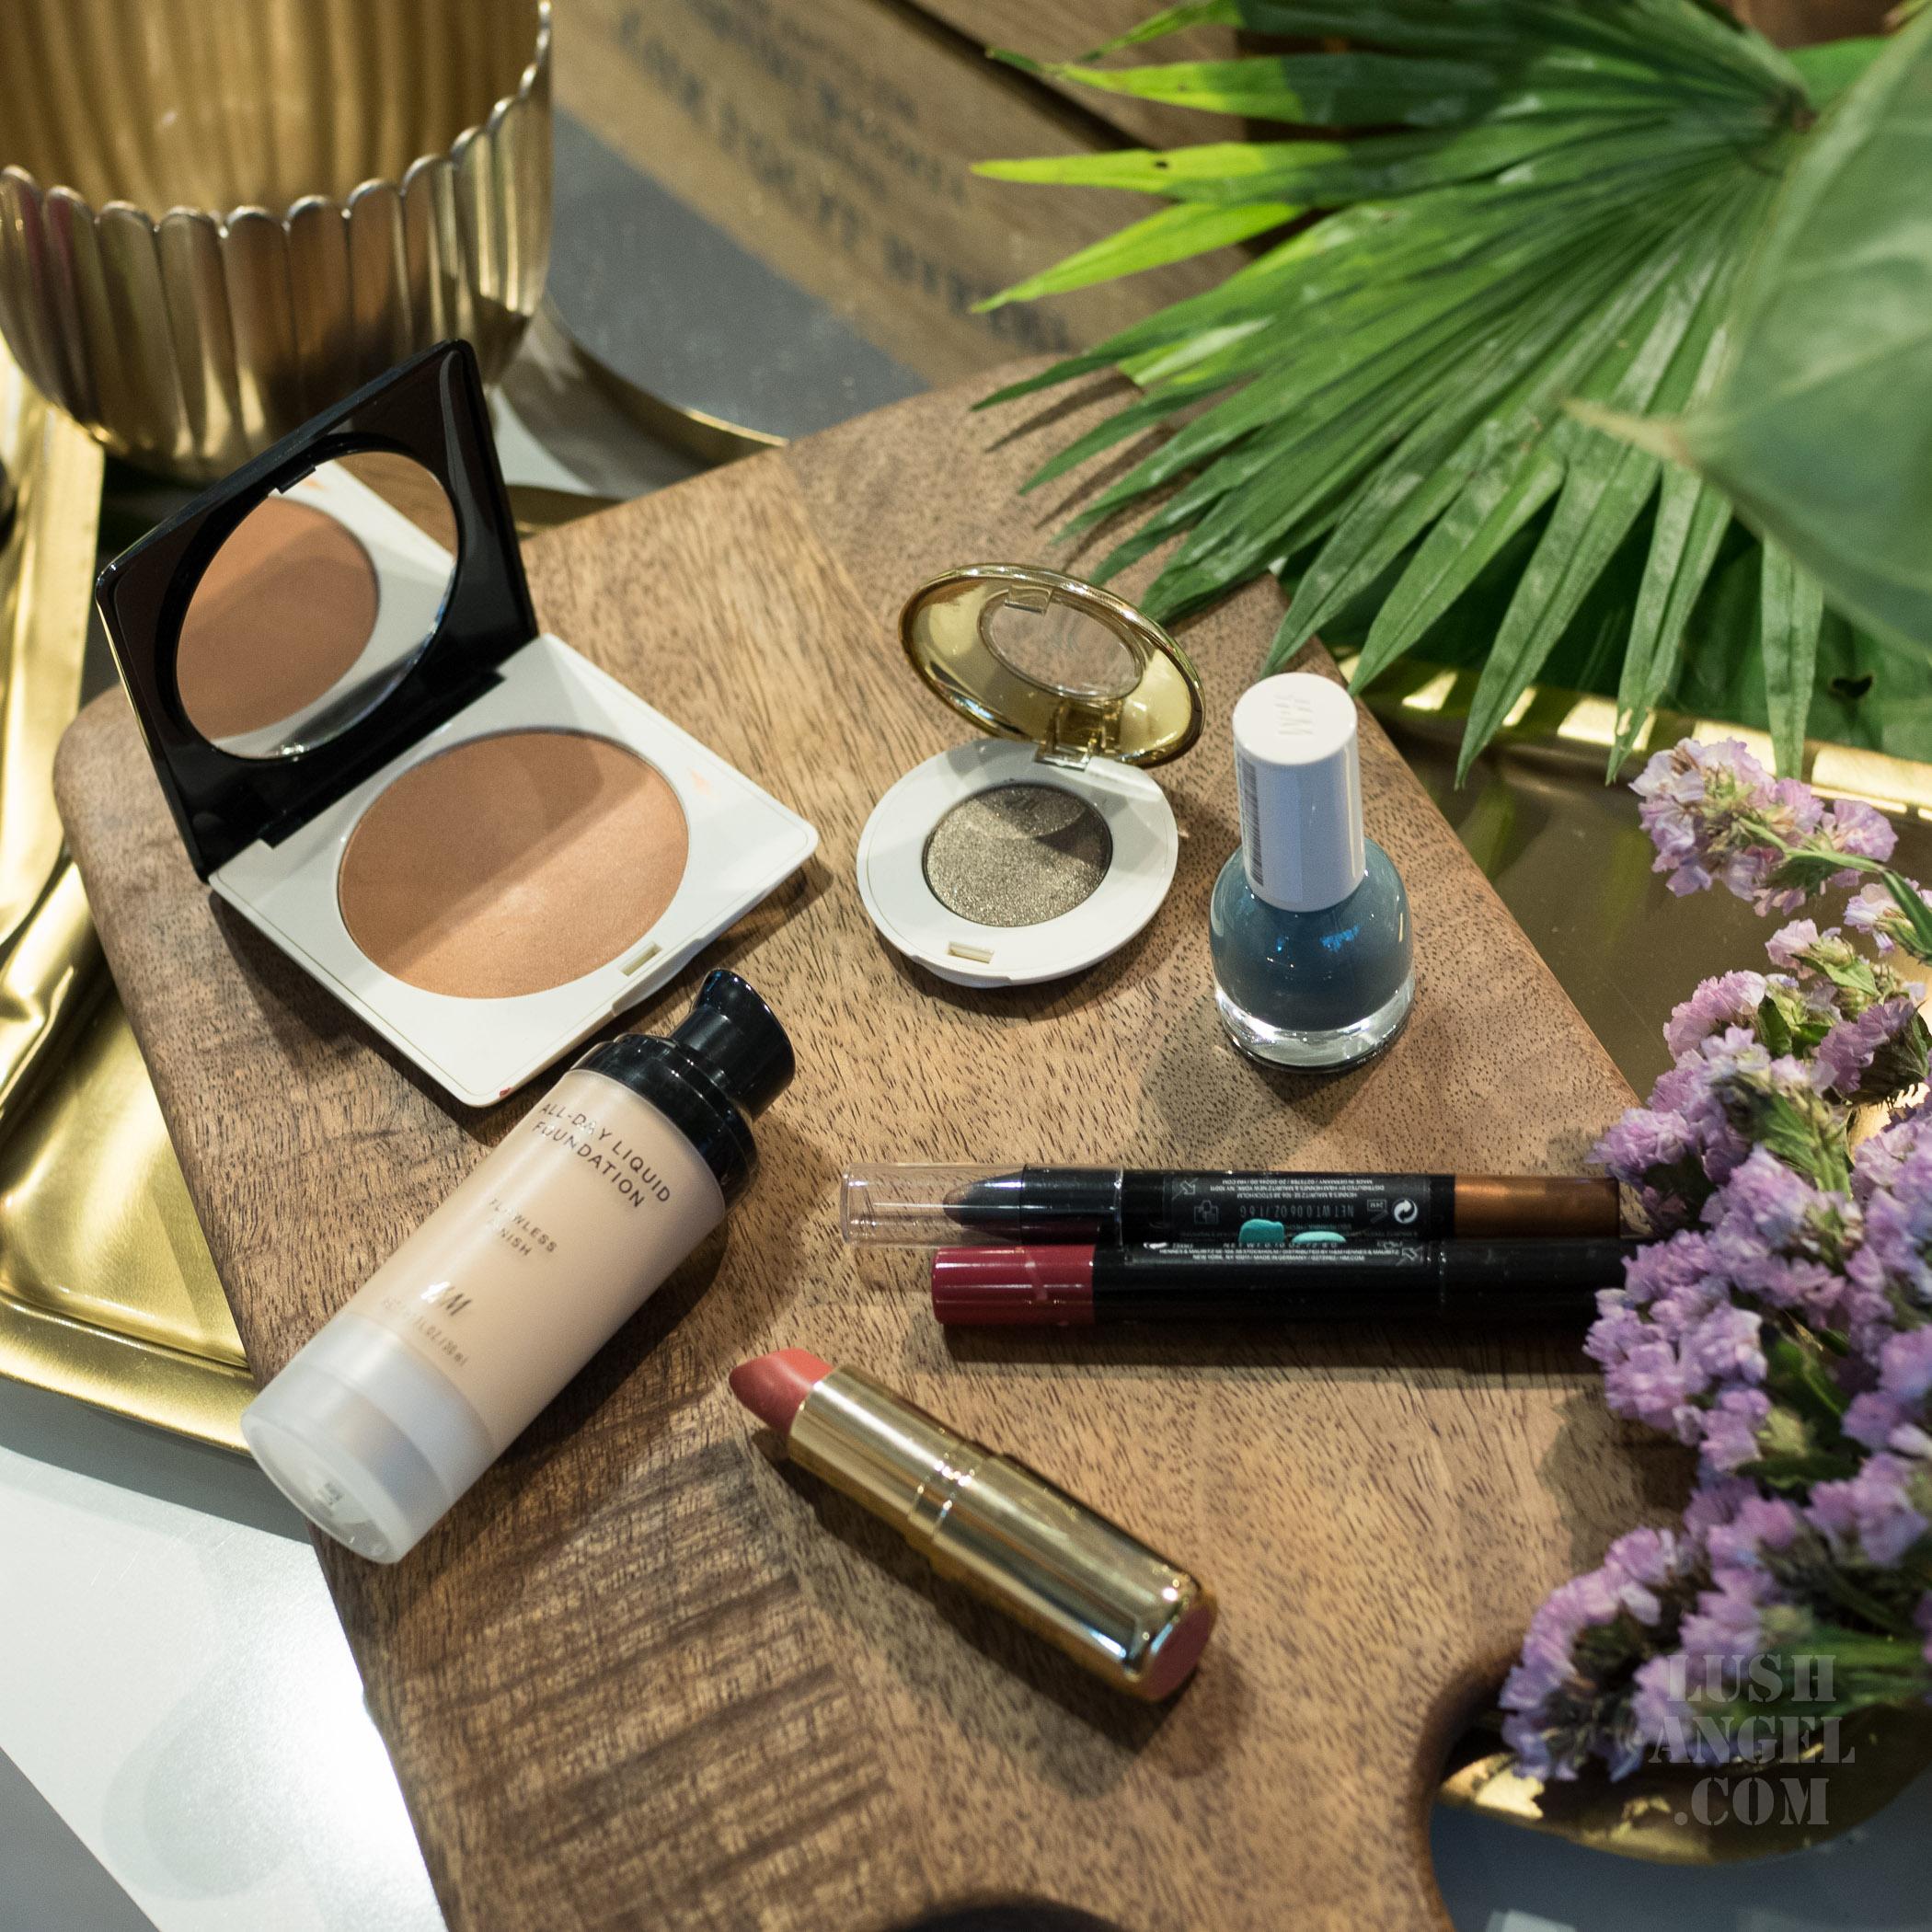 h&m-makeup